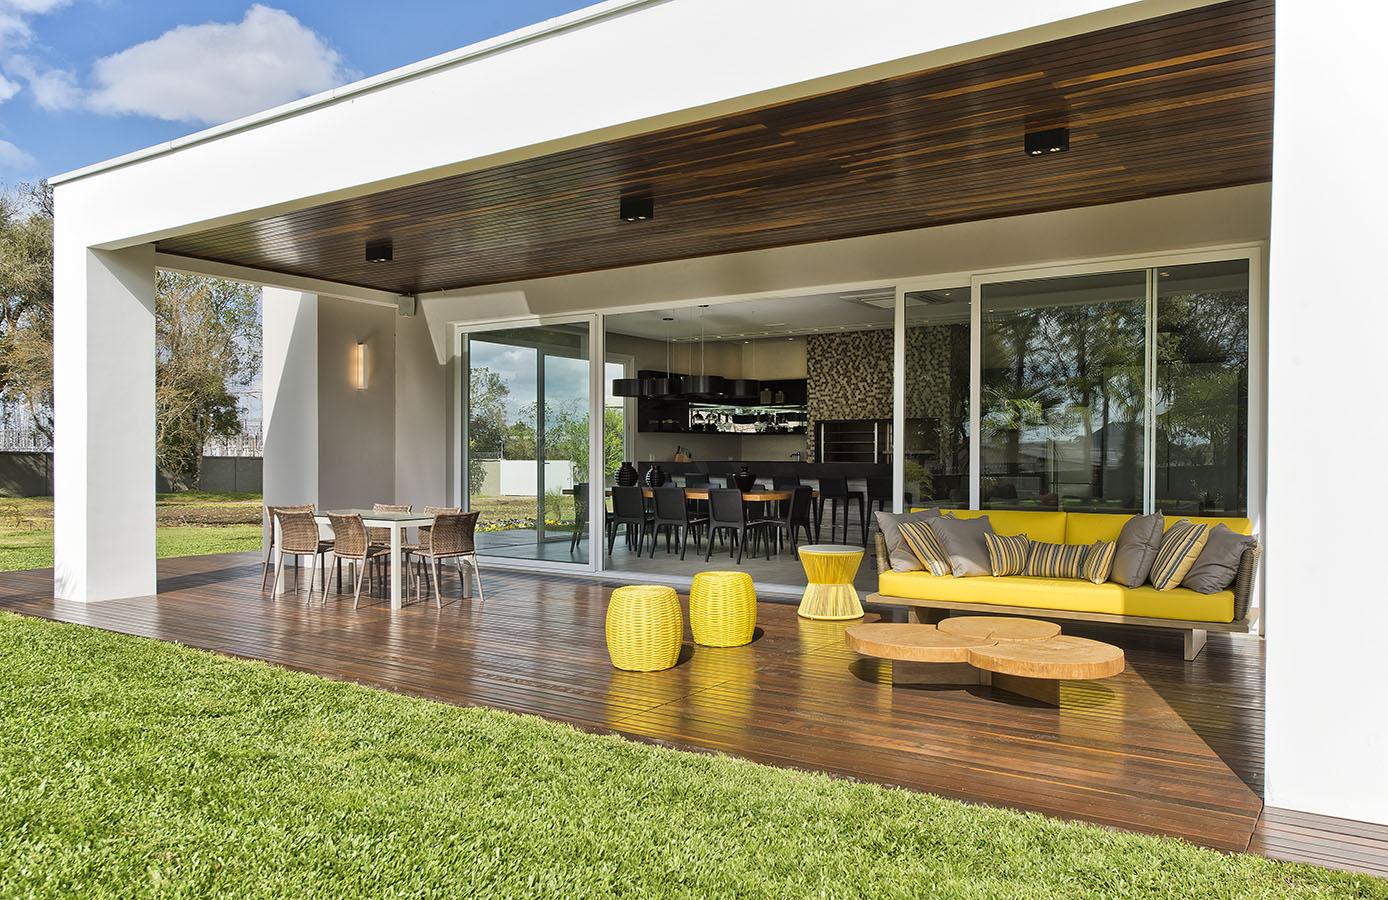 Arquiteto_Curitiba_Arquiteta_AlessandraGandolfi_Residência_LFP_Arquitetonico_2945